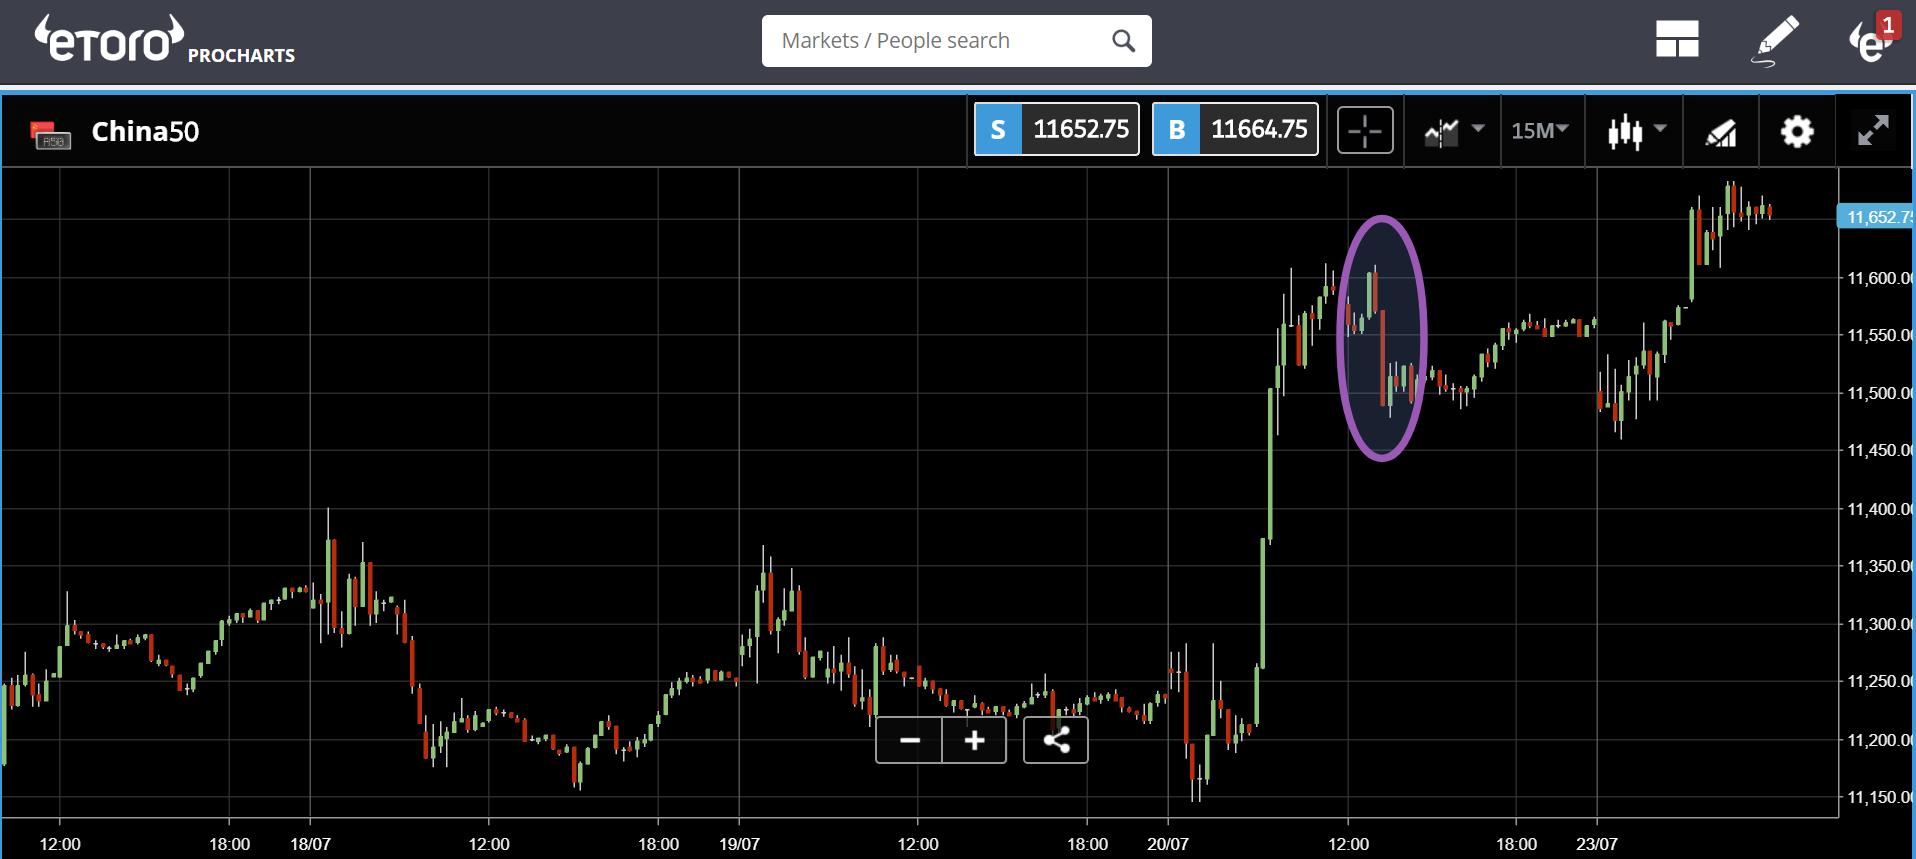 etoro, crypto, bonds, markets, trading, china, japan,